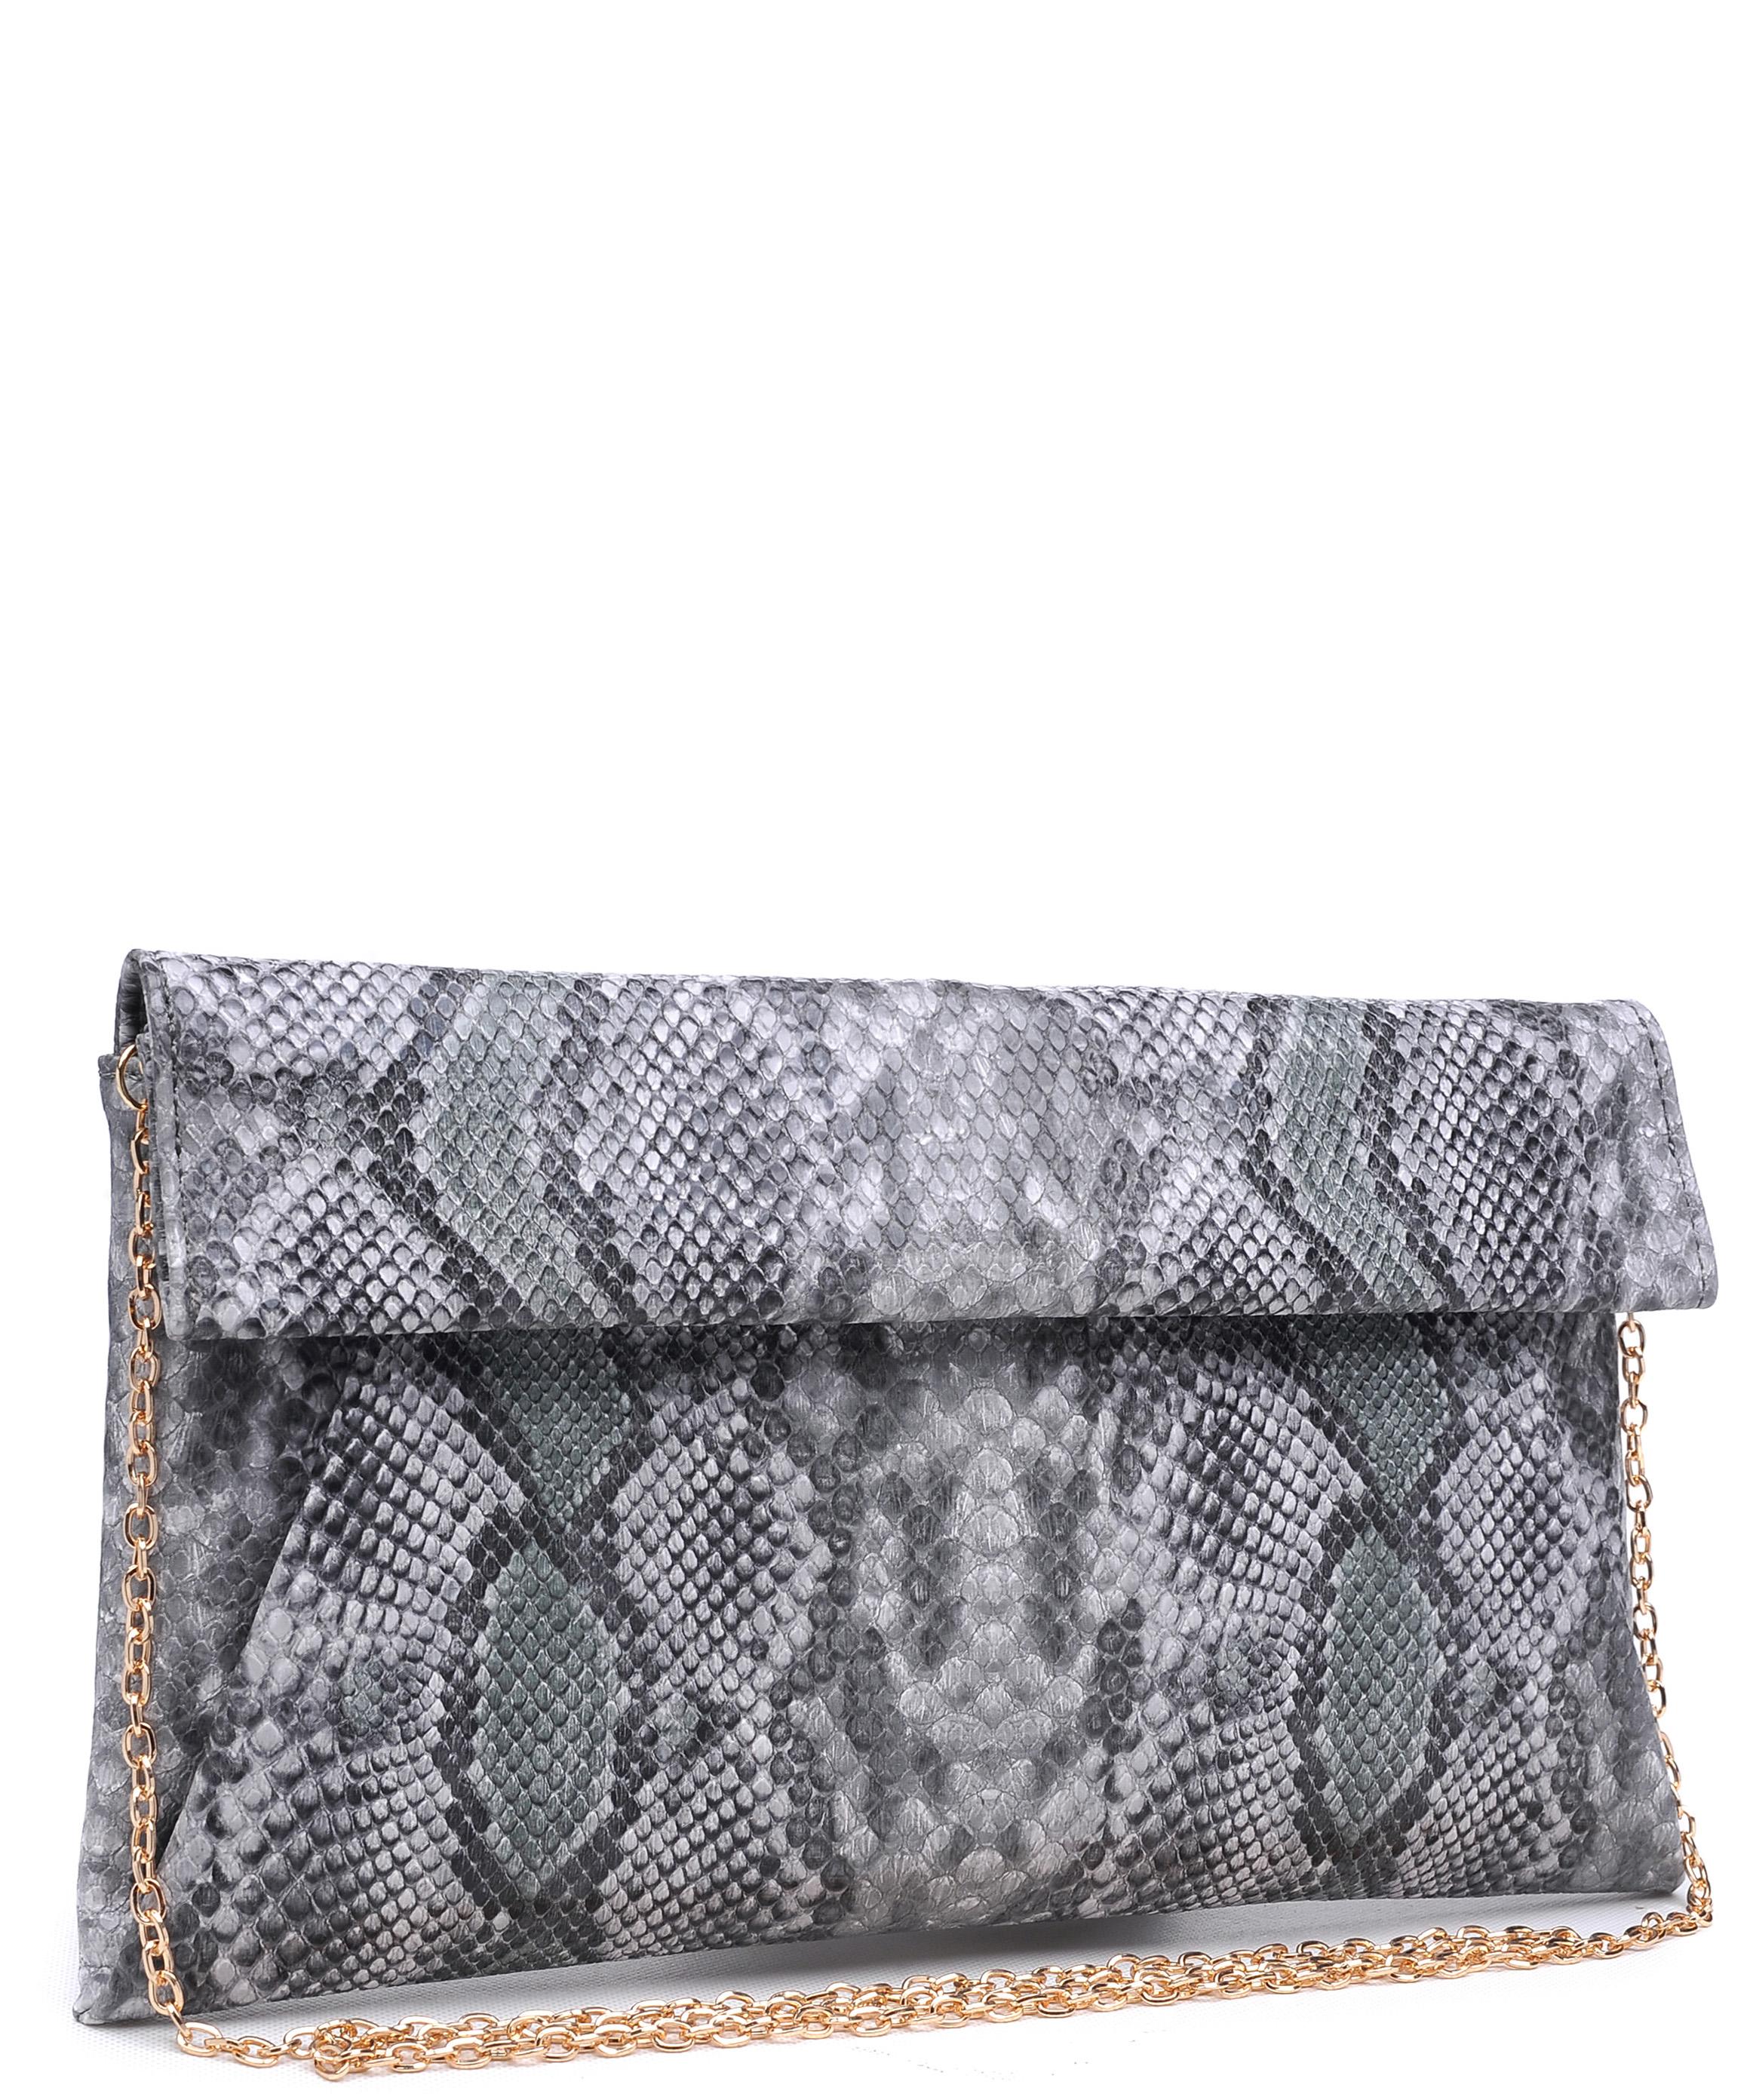 5b9f8fb949cb Women s Clutch Bag Messenger Shoulder Handbag Tote Bag Purse ...